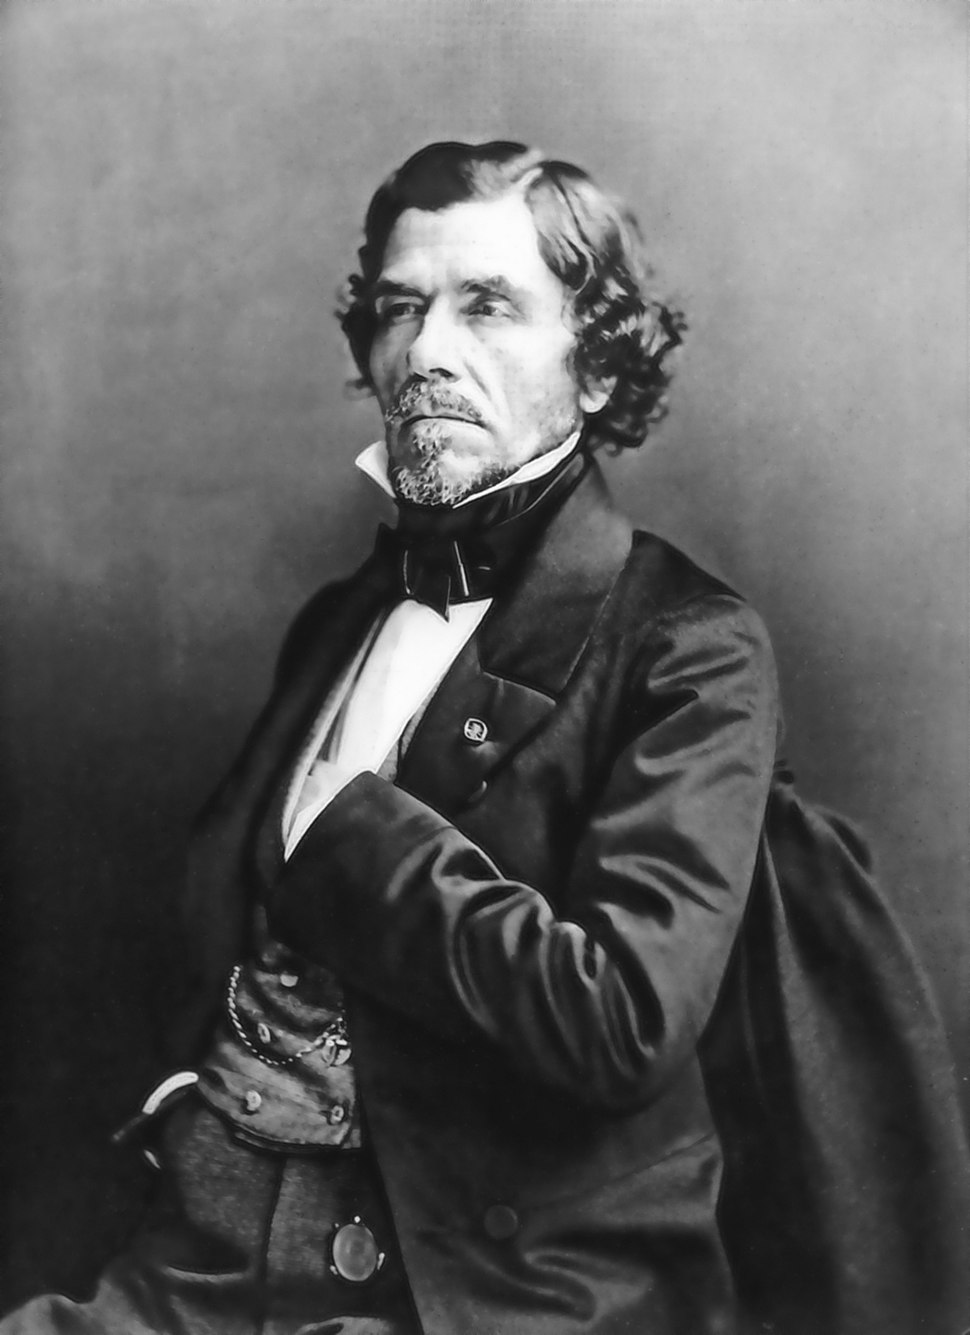 Félix Nadar 1820-1910 portraits Eugène Delacroix restored